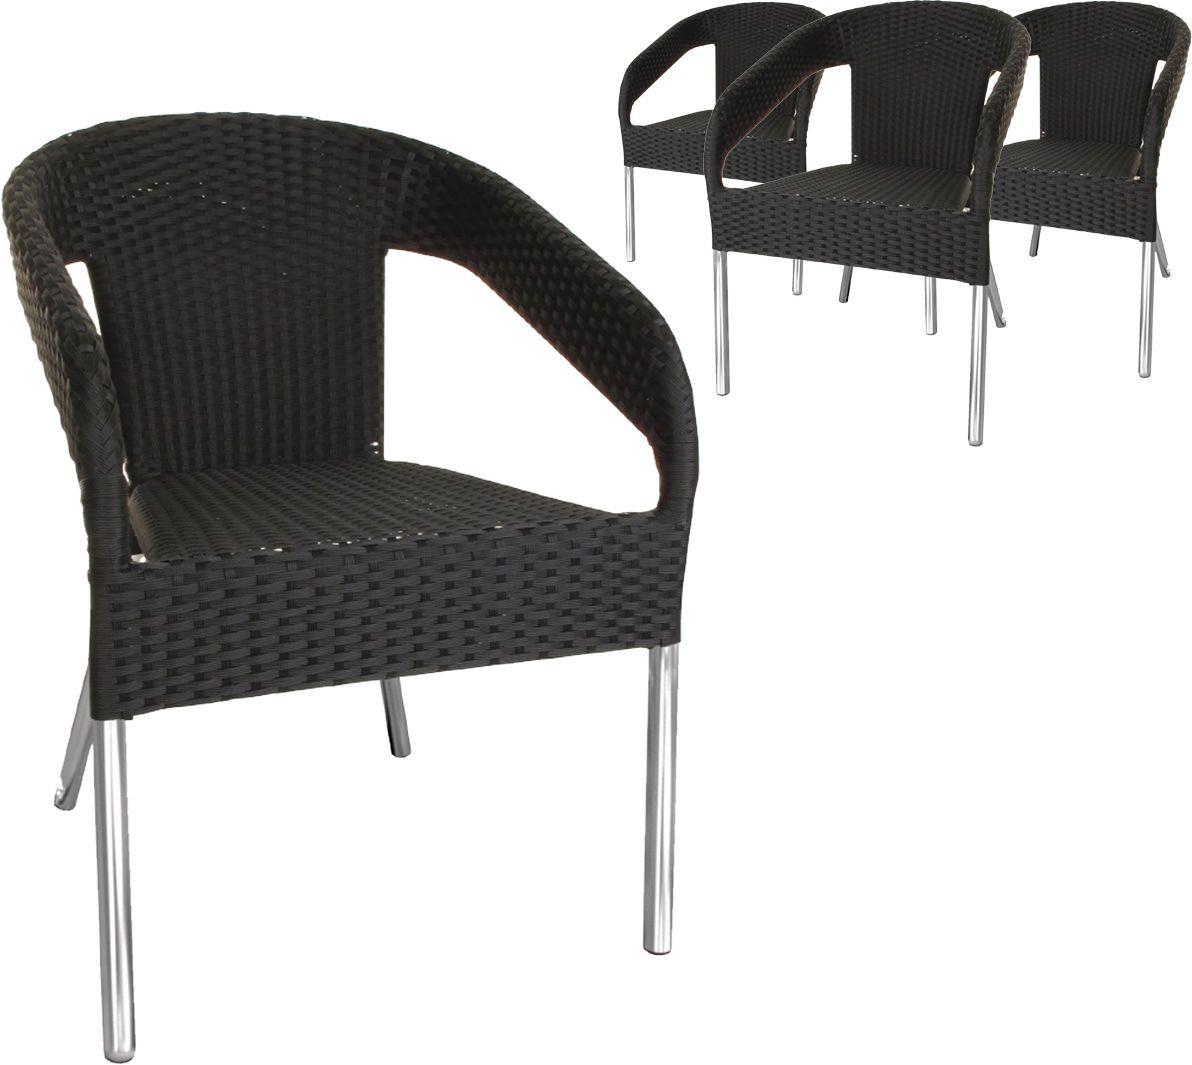 lot de 4 chaises de jardin en osier empilables coloris gris anthracite 30